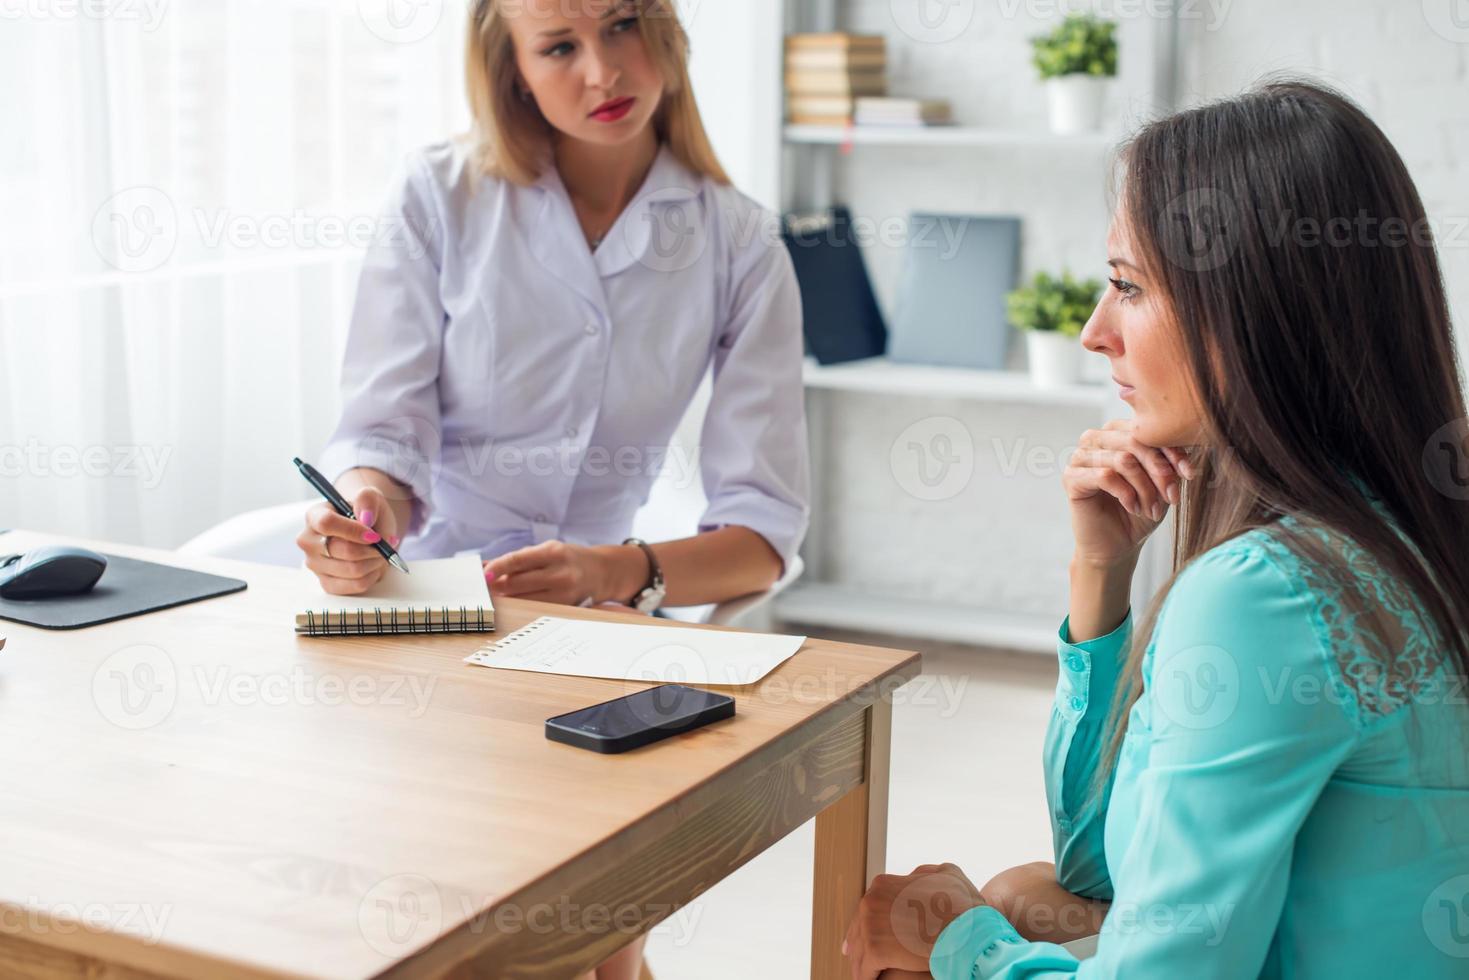 medico spiegando la diagnosi per il suo paziente femminile di assistenza sanitaria e medica foto